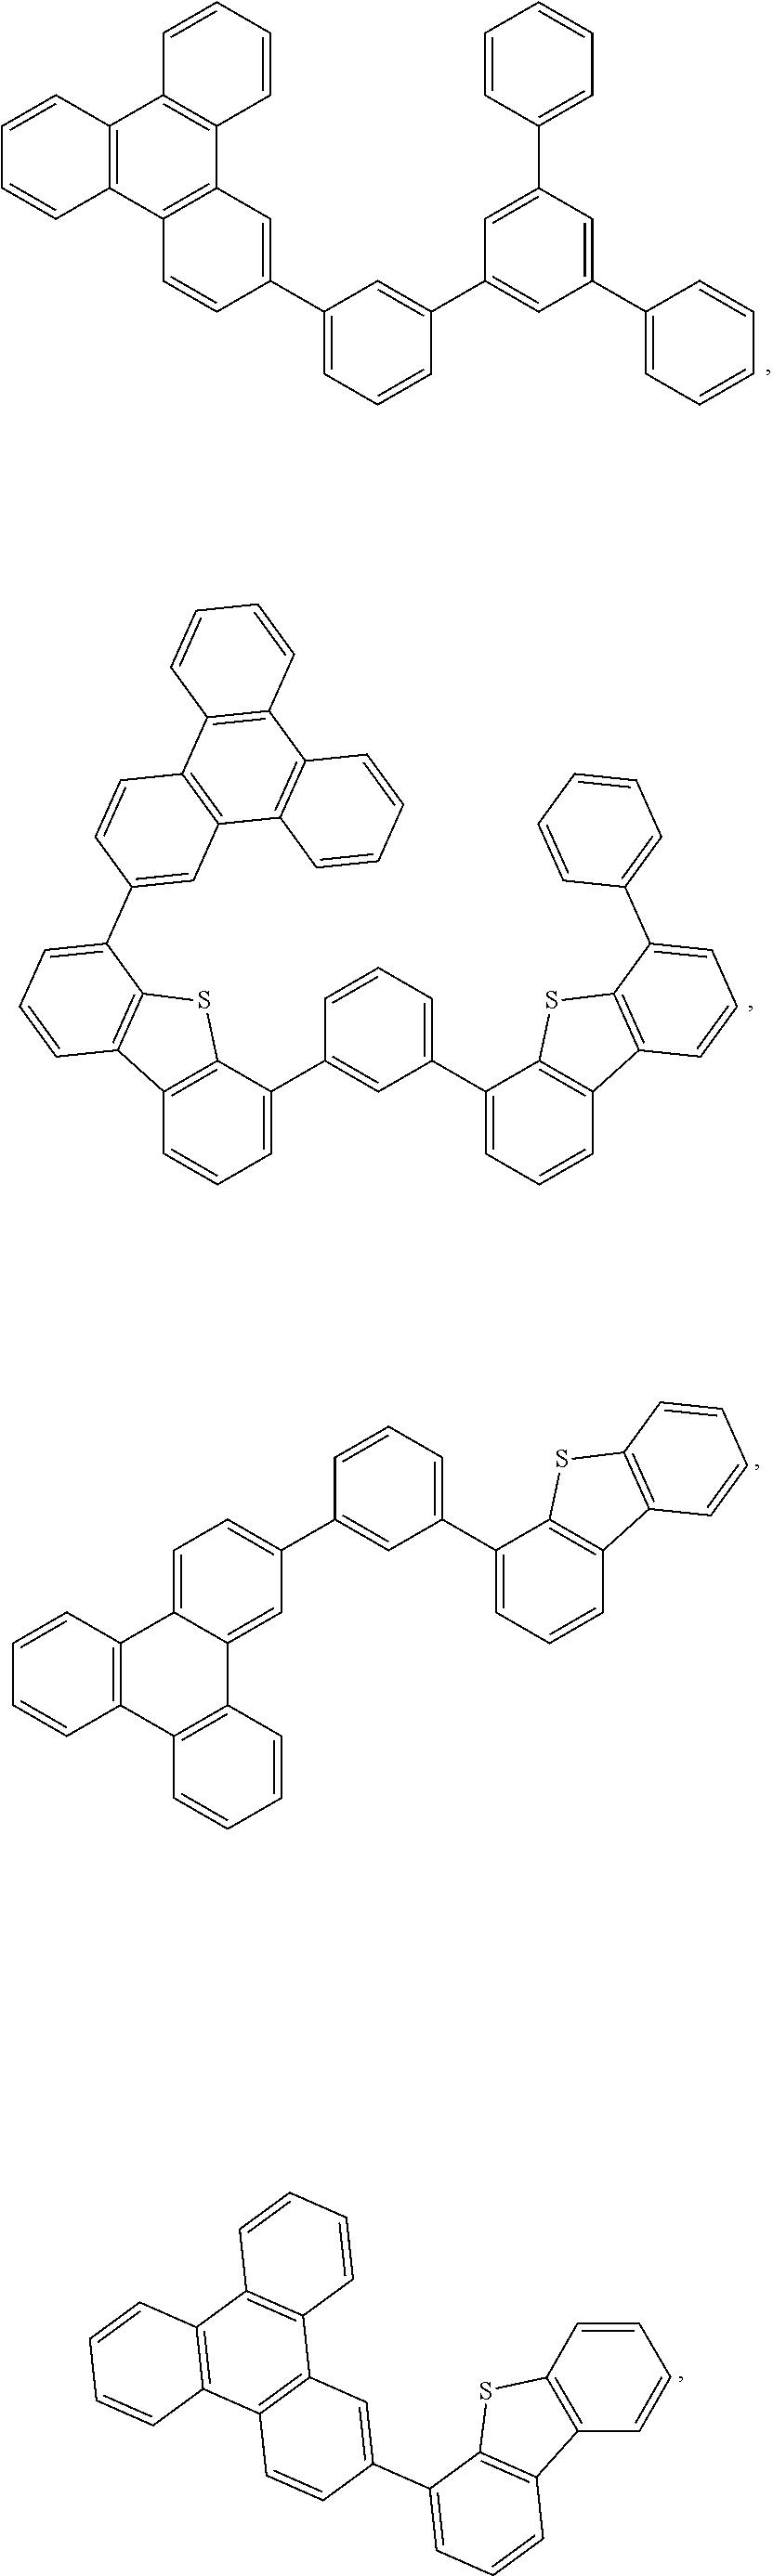 Figure US20190161504A1-20190530-C00045